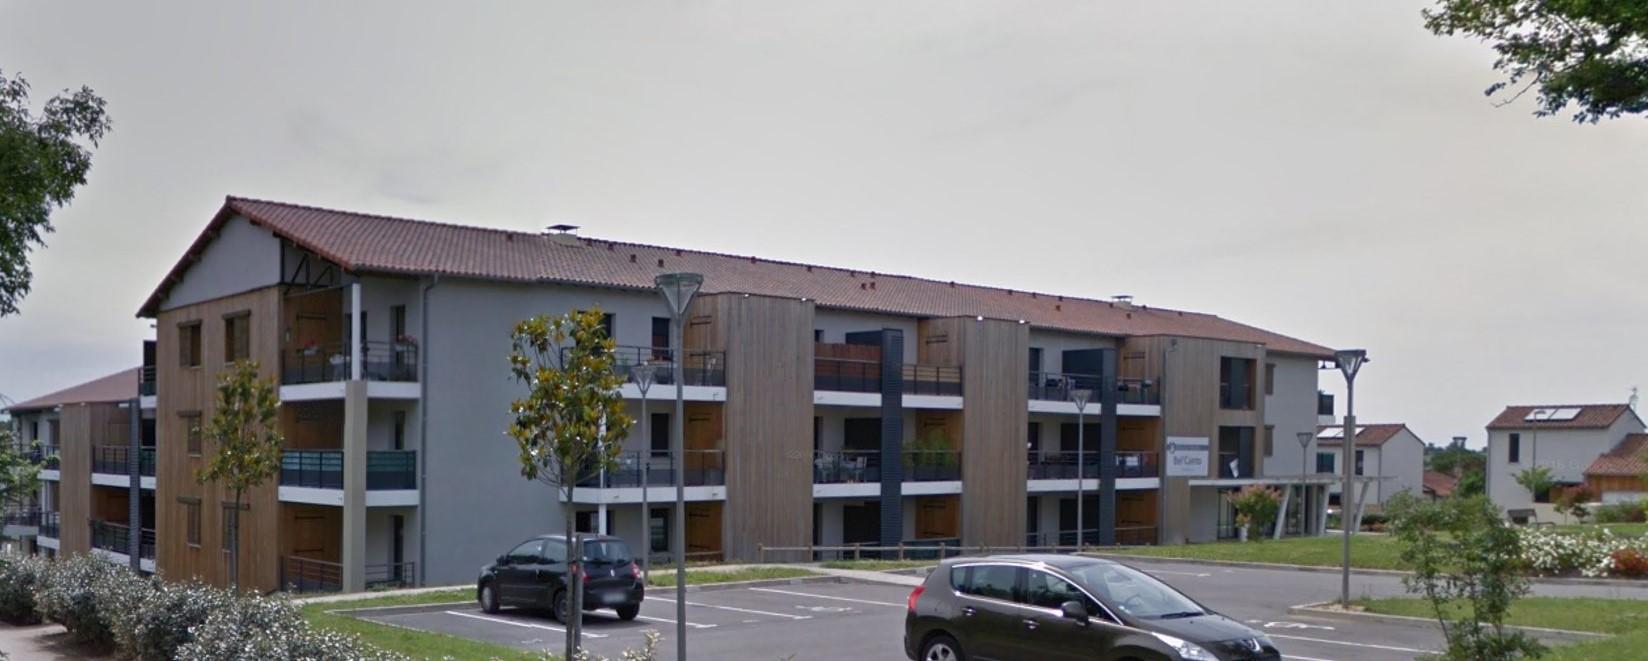 Logements et maison de retraite – ST GENIES BELLEVUE (31)